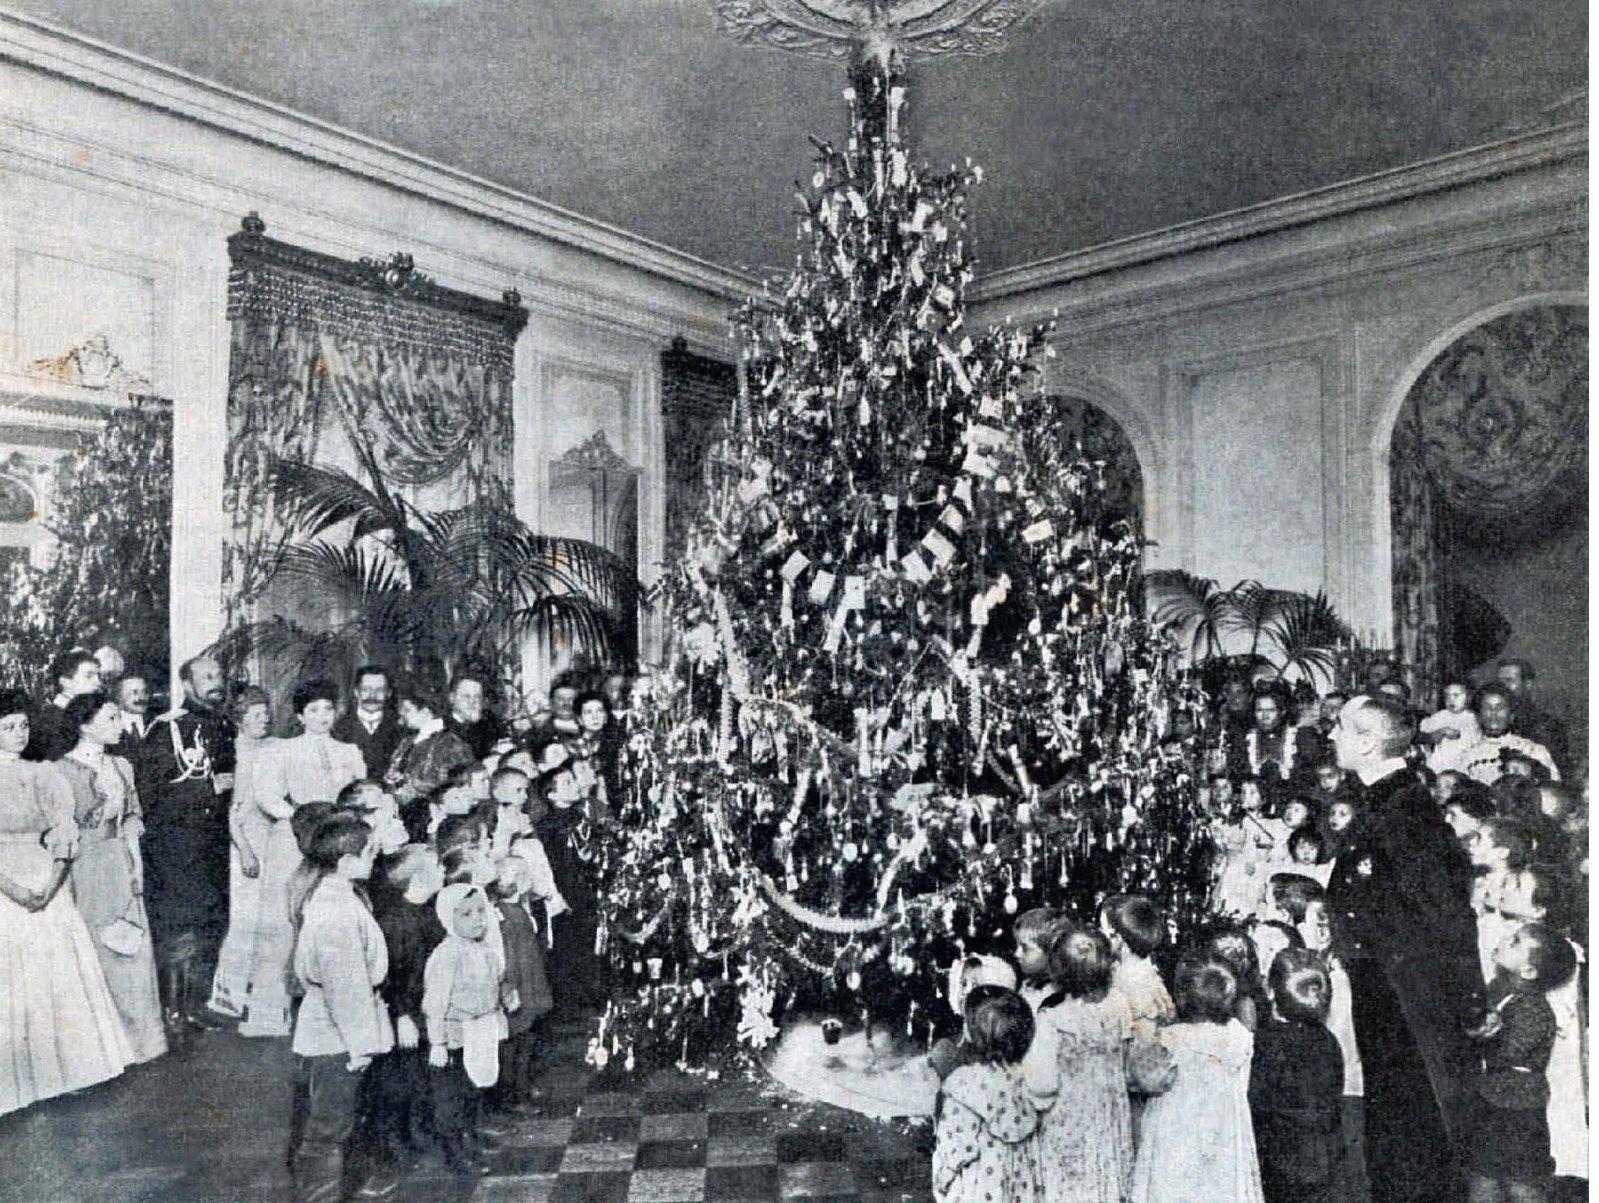 1907. Ёлка для бедных детей в доме градоначальника. 28 декабря